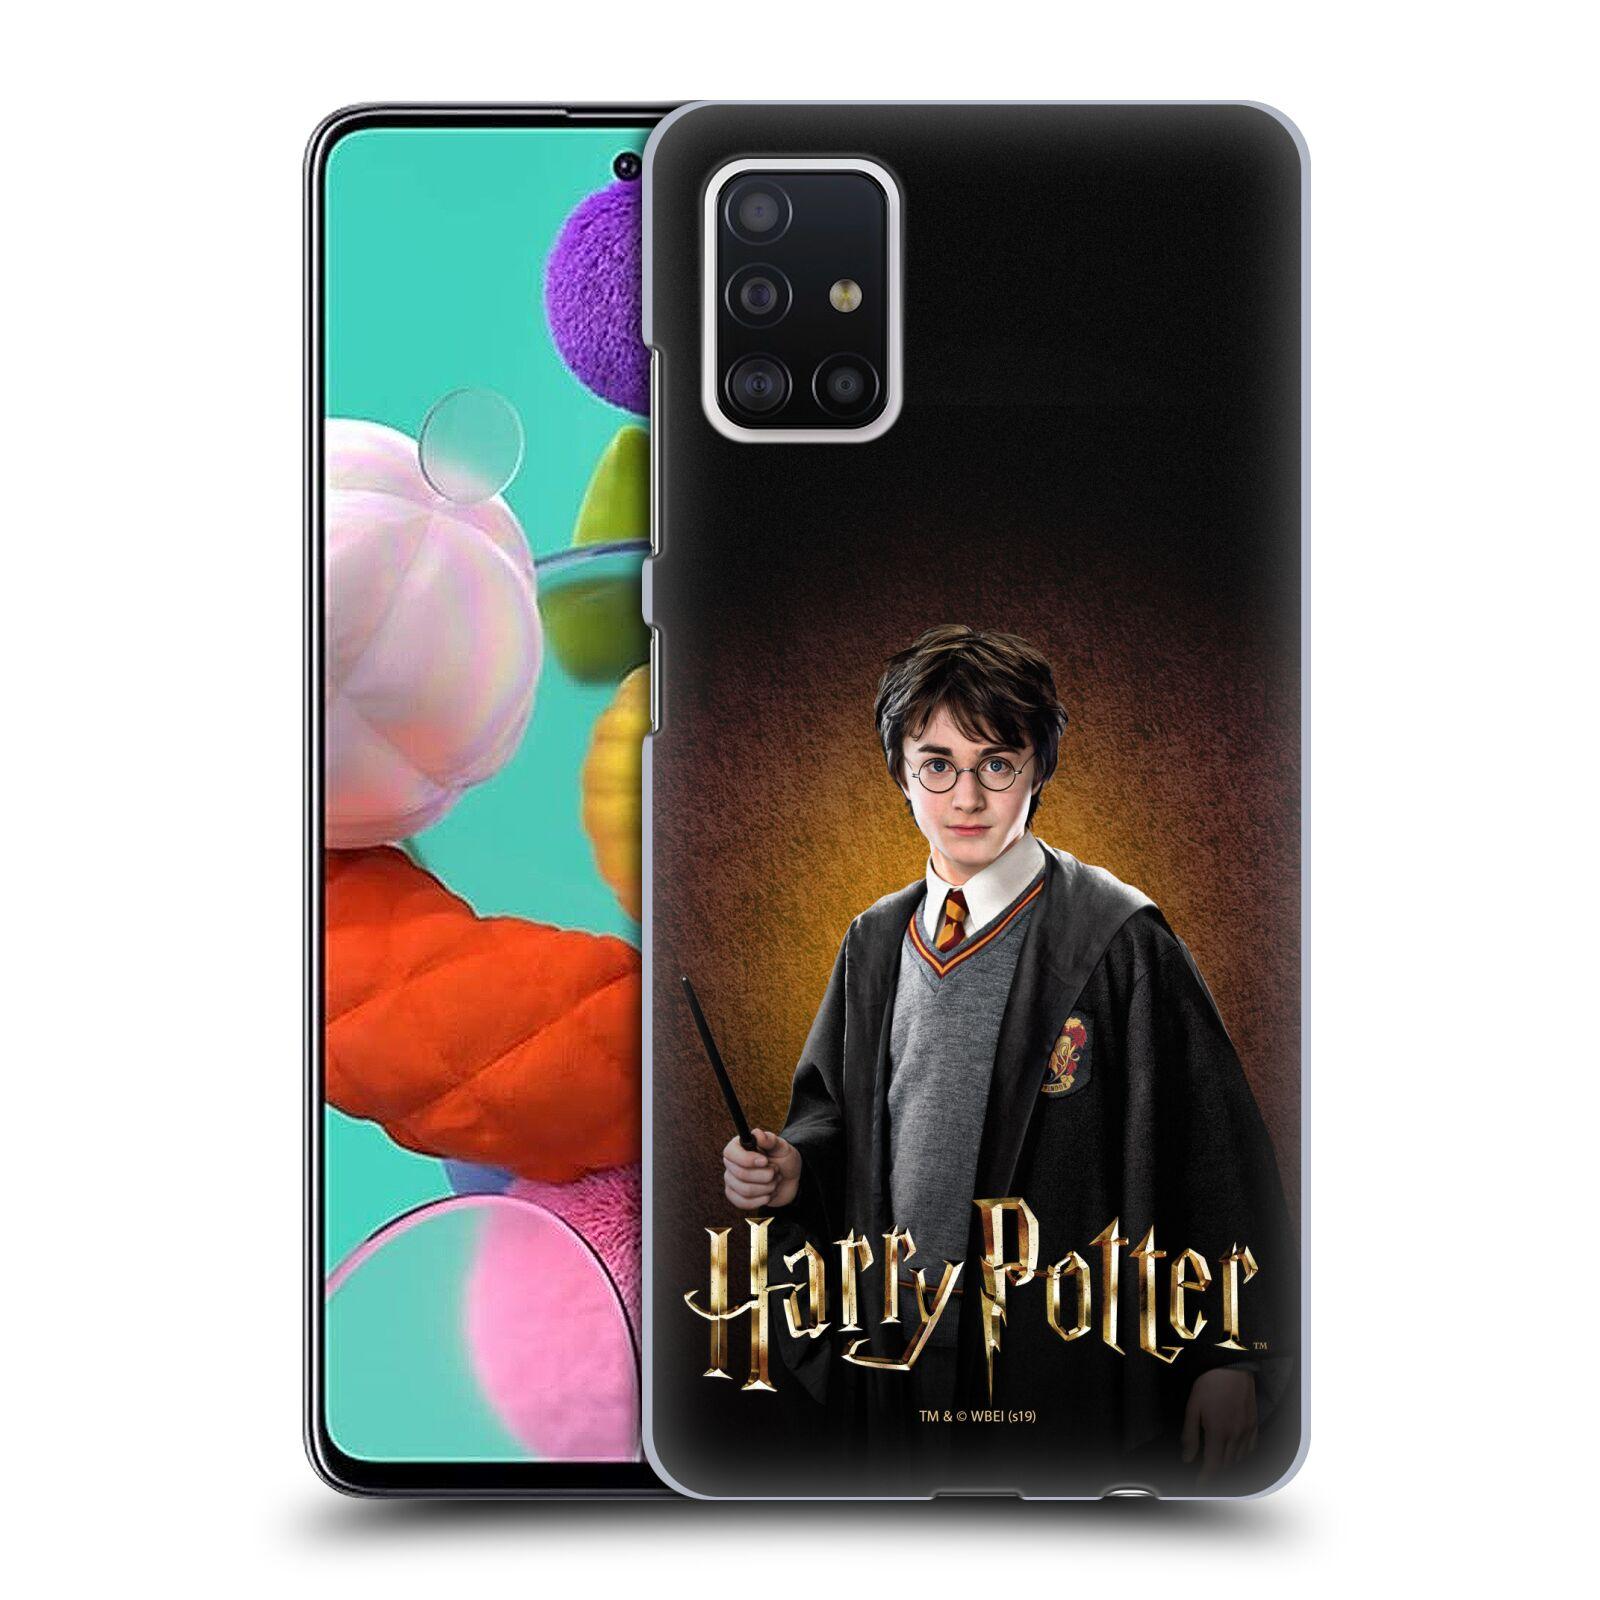 Plastové pouzdro na mobil Samsung Galaxy A51 - Harry Potter - Malý Harry Potter